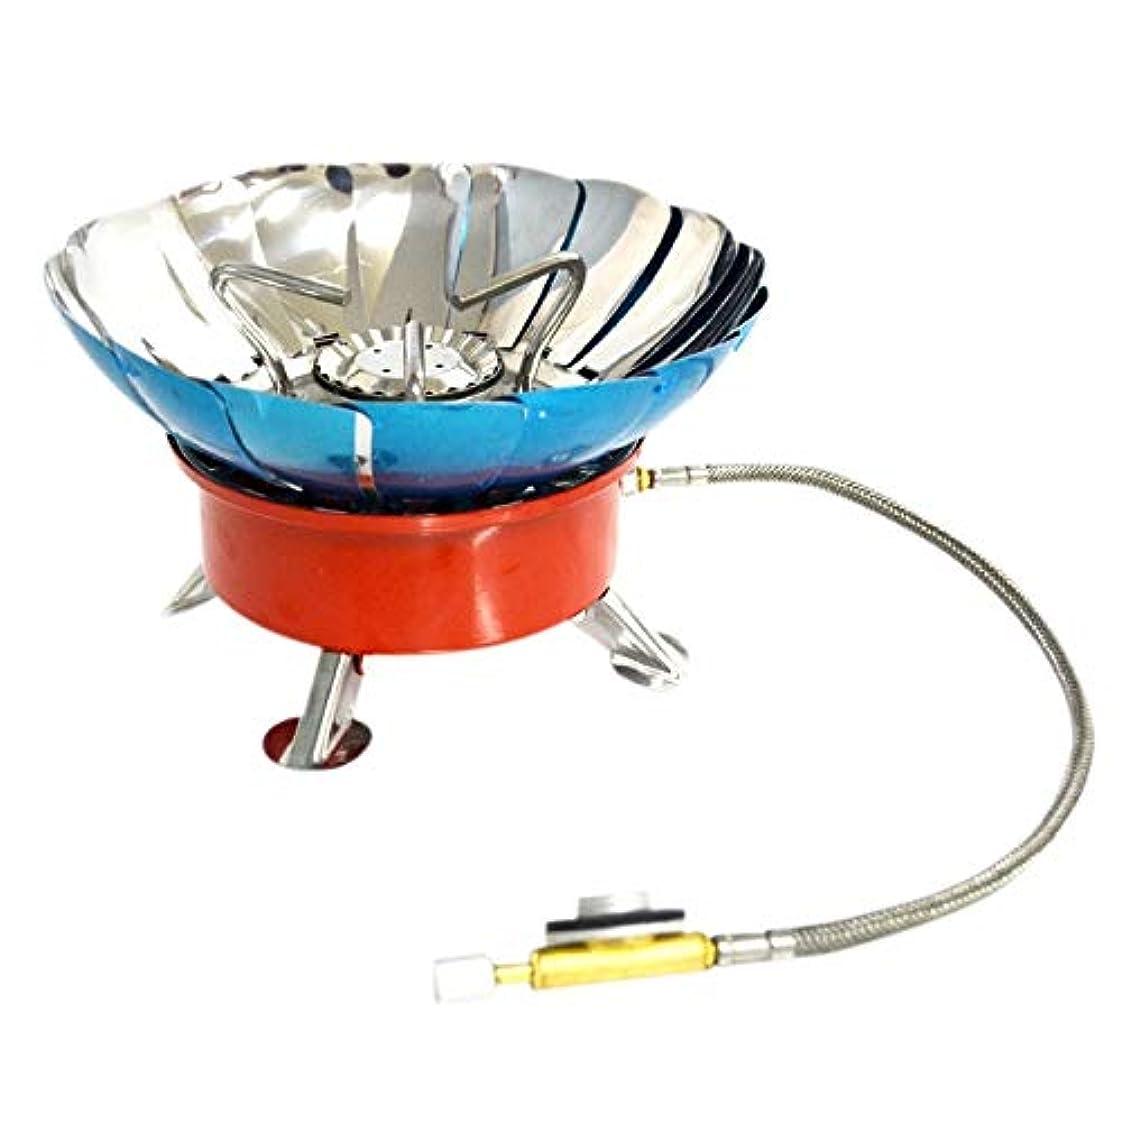 疼痛ソーシャル超高層ビルNrpfell 4タイプ 防風ストーブ 炊飯器 調理器具ガスバーナー キャンプ用ピクニッククックアウトバーベキューD